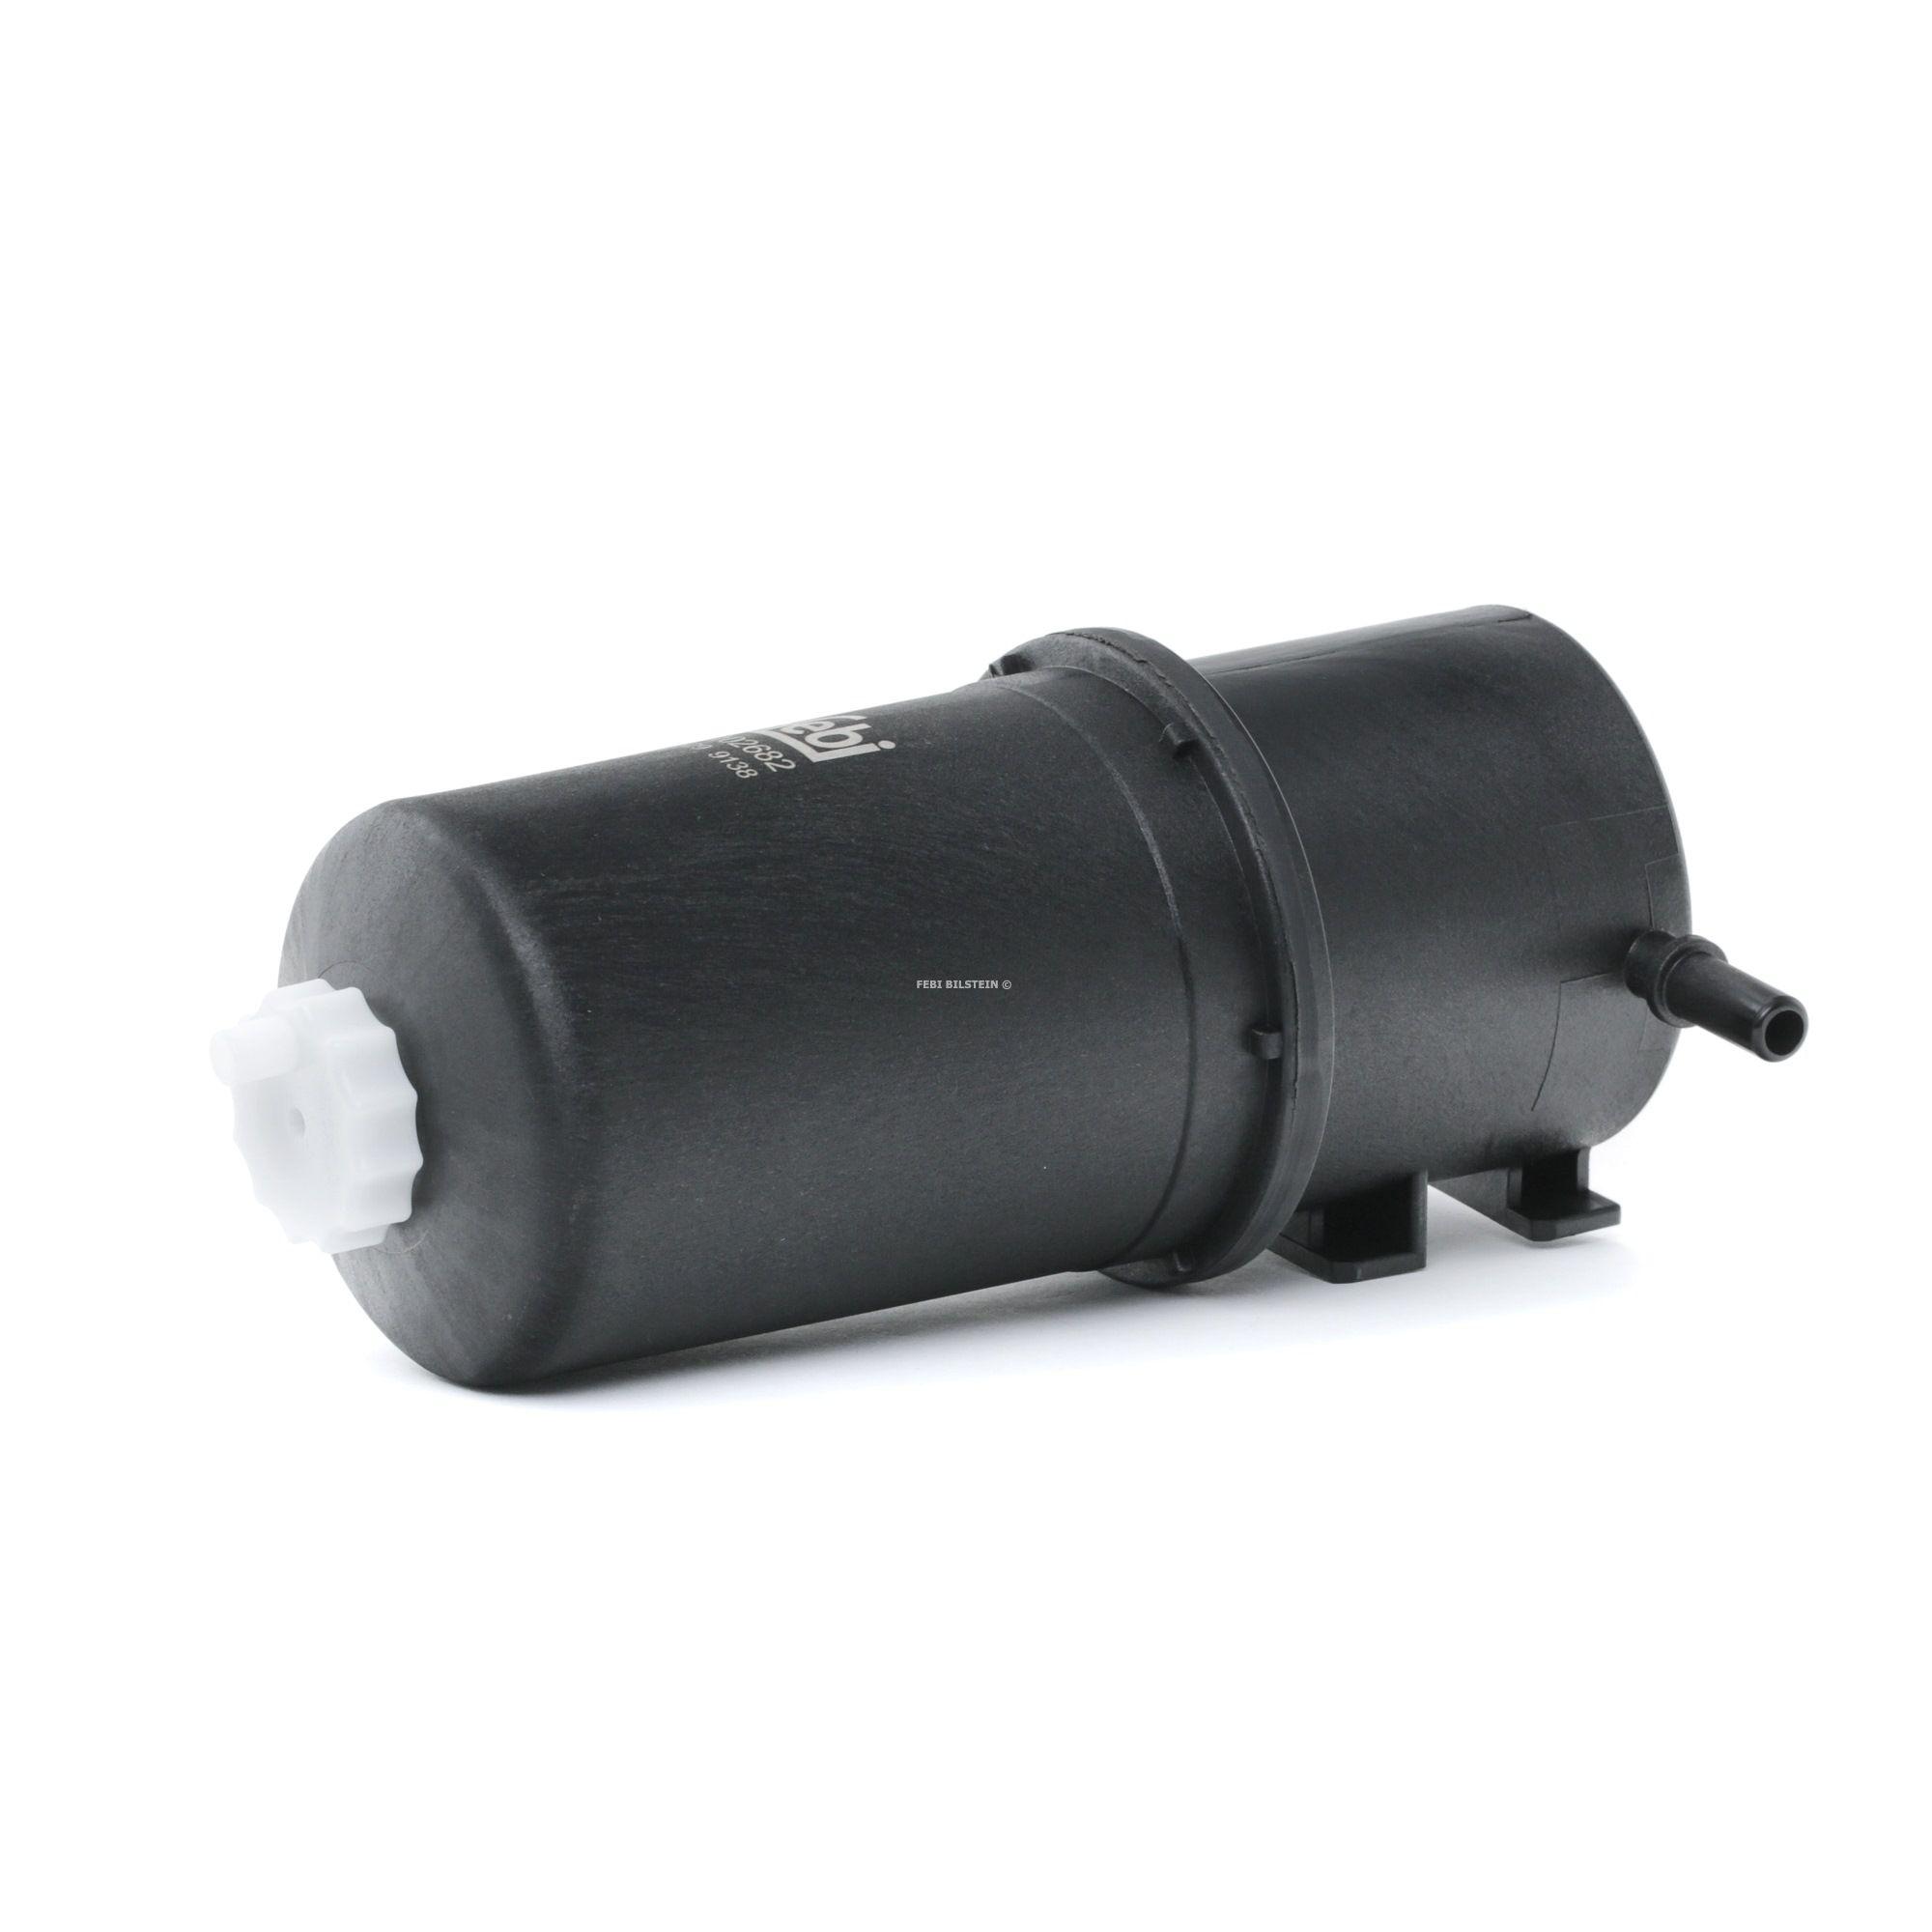 Palivový filtr 102682 s vynikajícím poměrem mezi cenou a FEBI BILSTEIN kvalitou